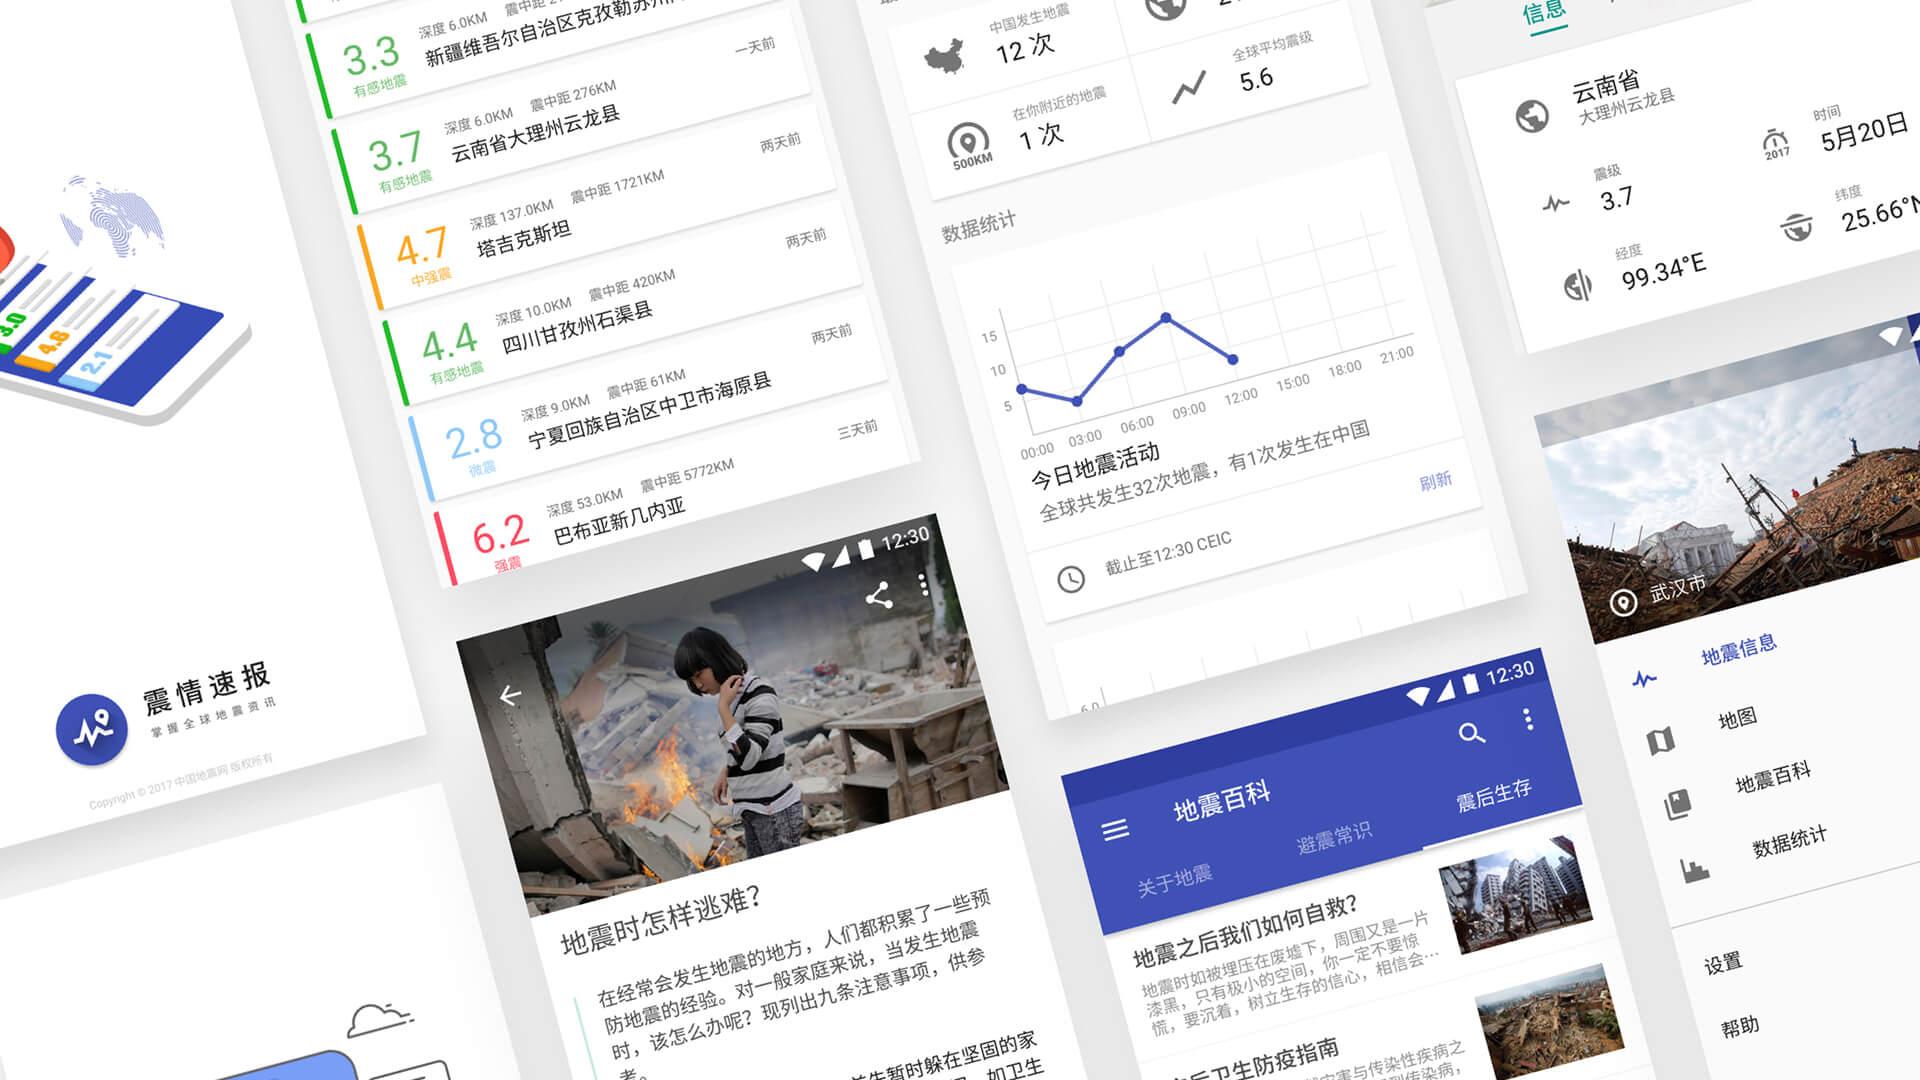 震情速报 App 页面总览